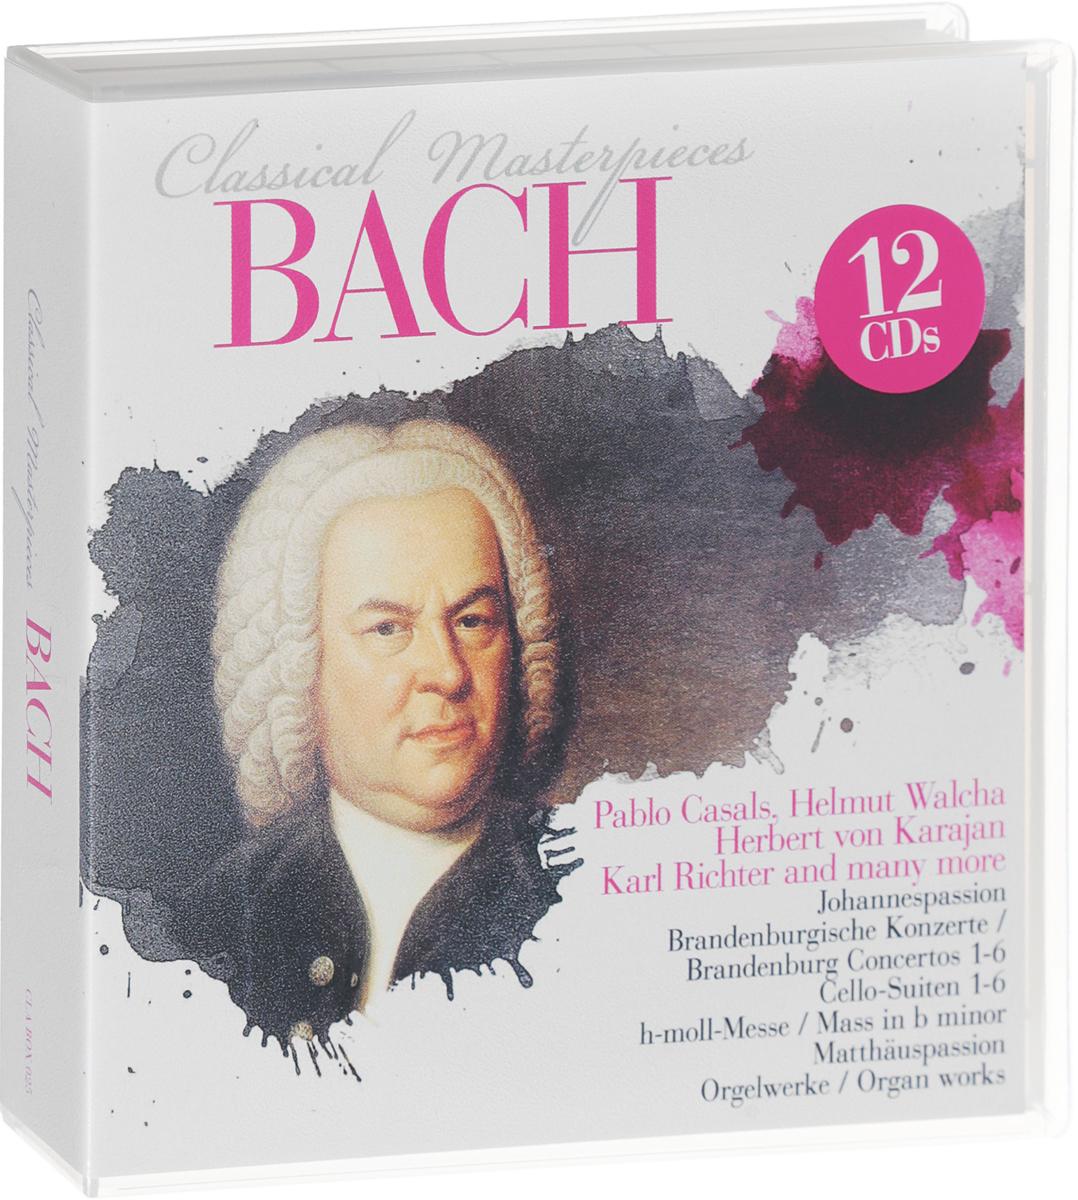 Иоганн Себастьян Бах,Карл Рихтер Johann Sebastian Bach, K. Richter. Bach: Classical Masterpieces (12 CD) карл иоганн родбертус к познанию нашего государственно хозяйственного строя